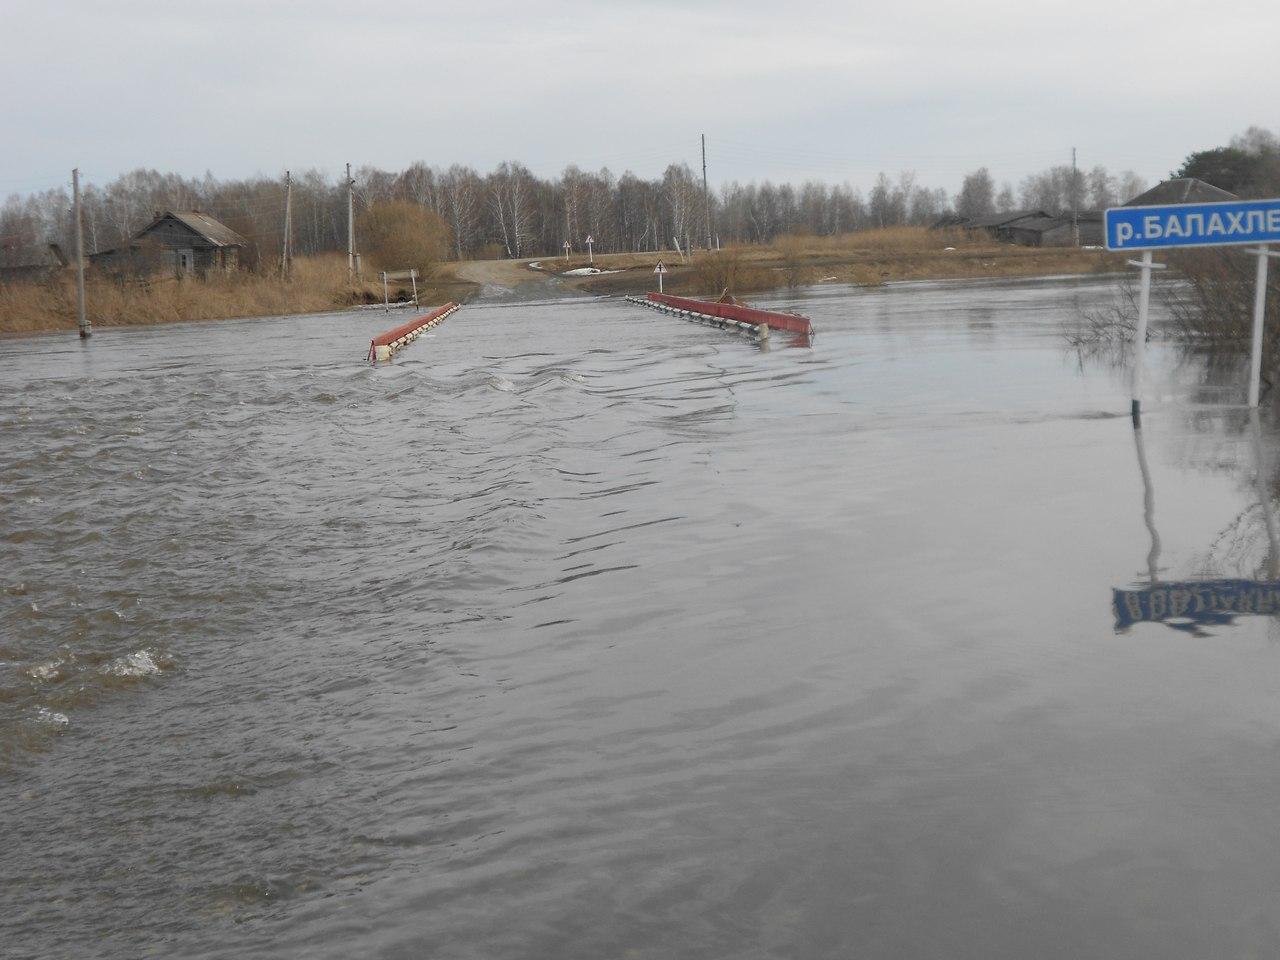 Режим ЧС из-за паводка сохраняется в шести муниципалитетах 4